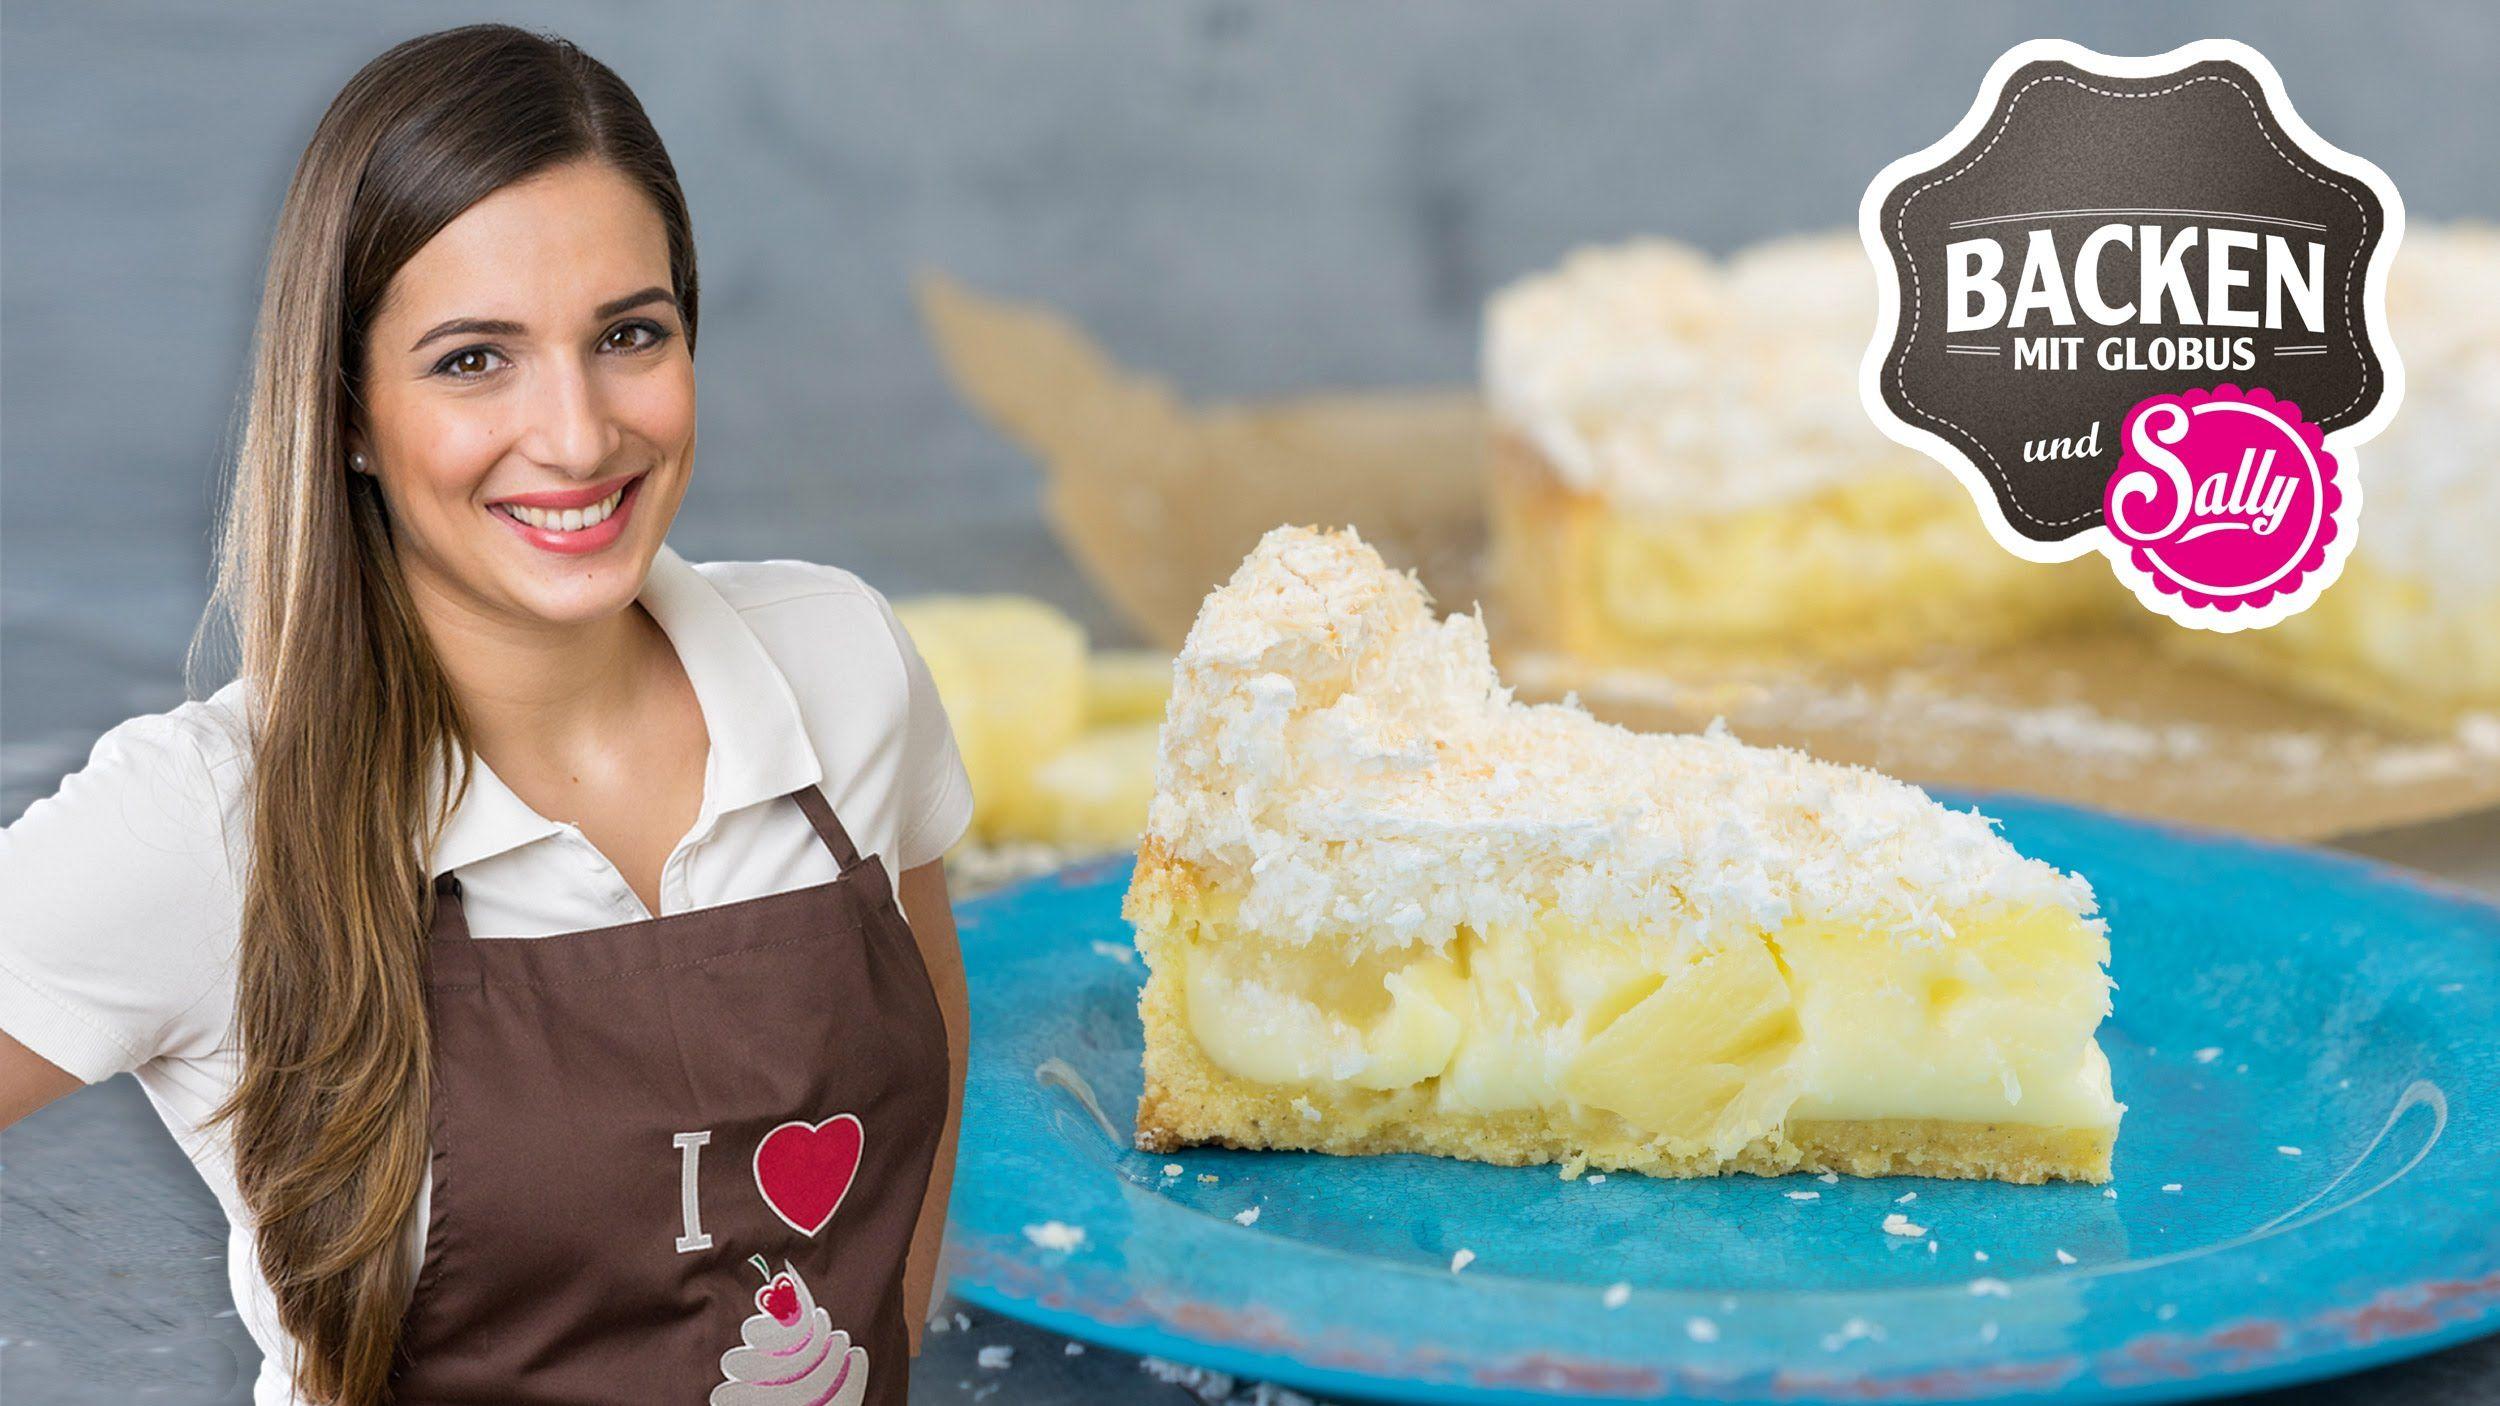 Exotische Kokos Ananas Torte Backen Mit Globus Sallys Welt 9